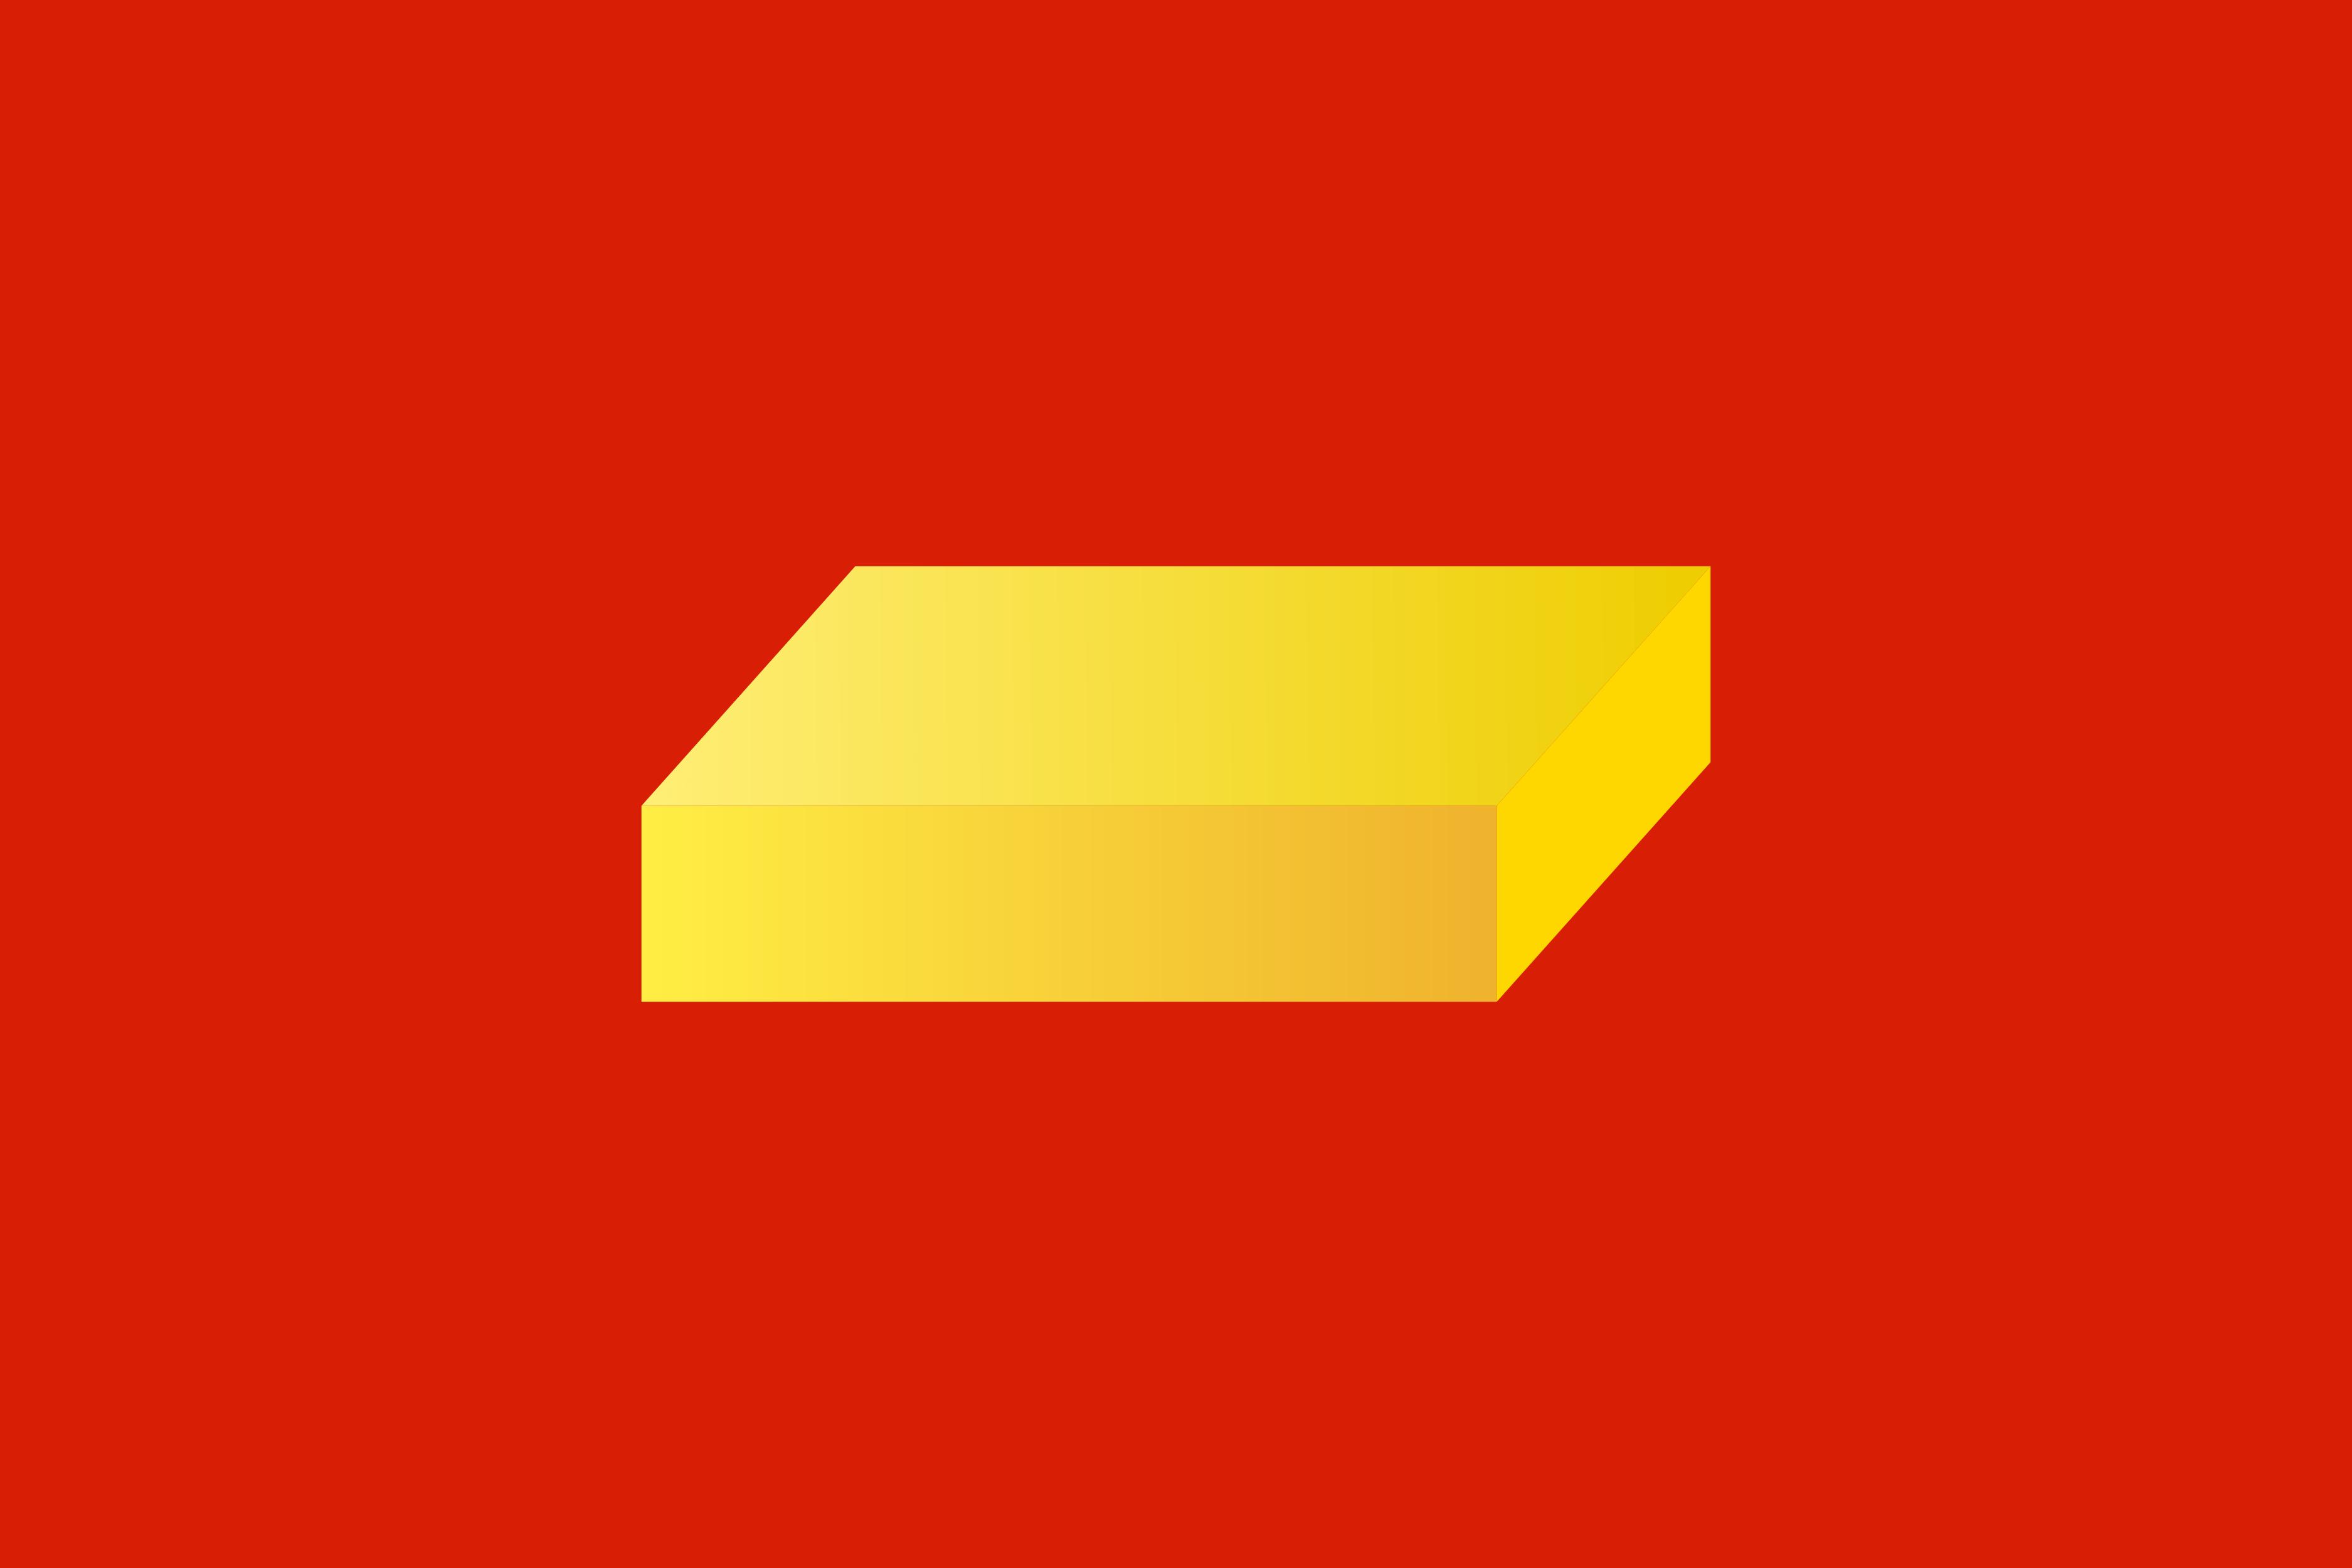 Flag_of_Shuya__Ivanovo_oblast_